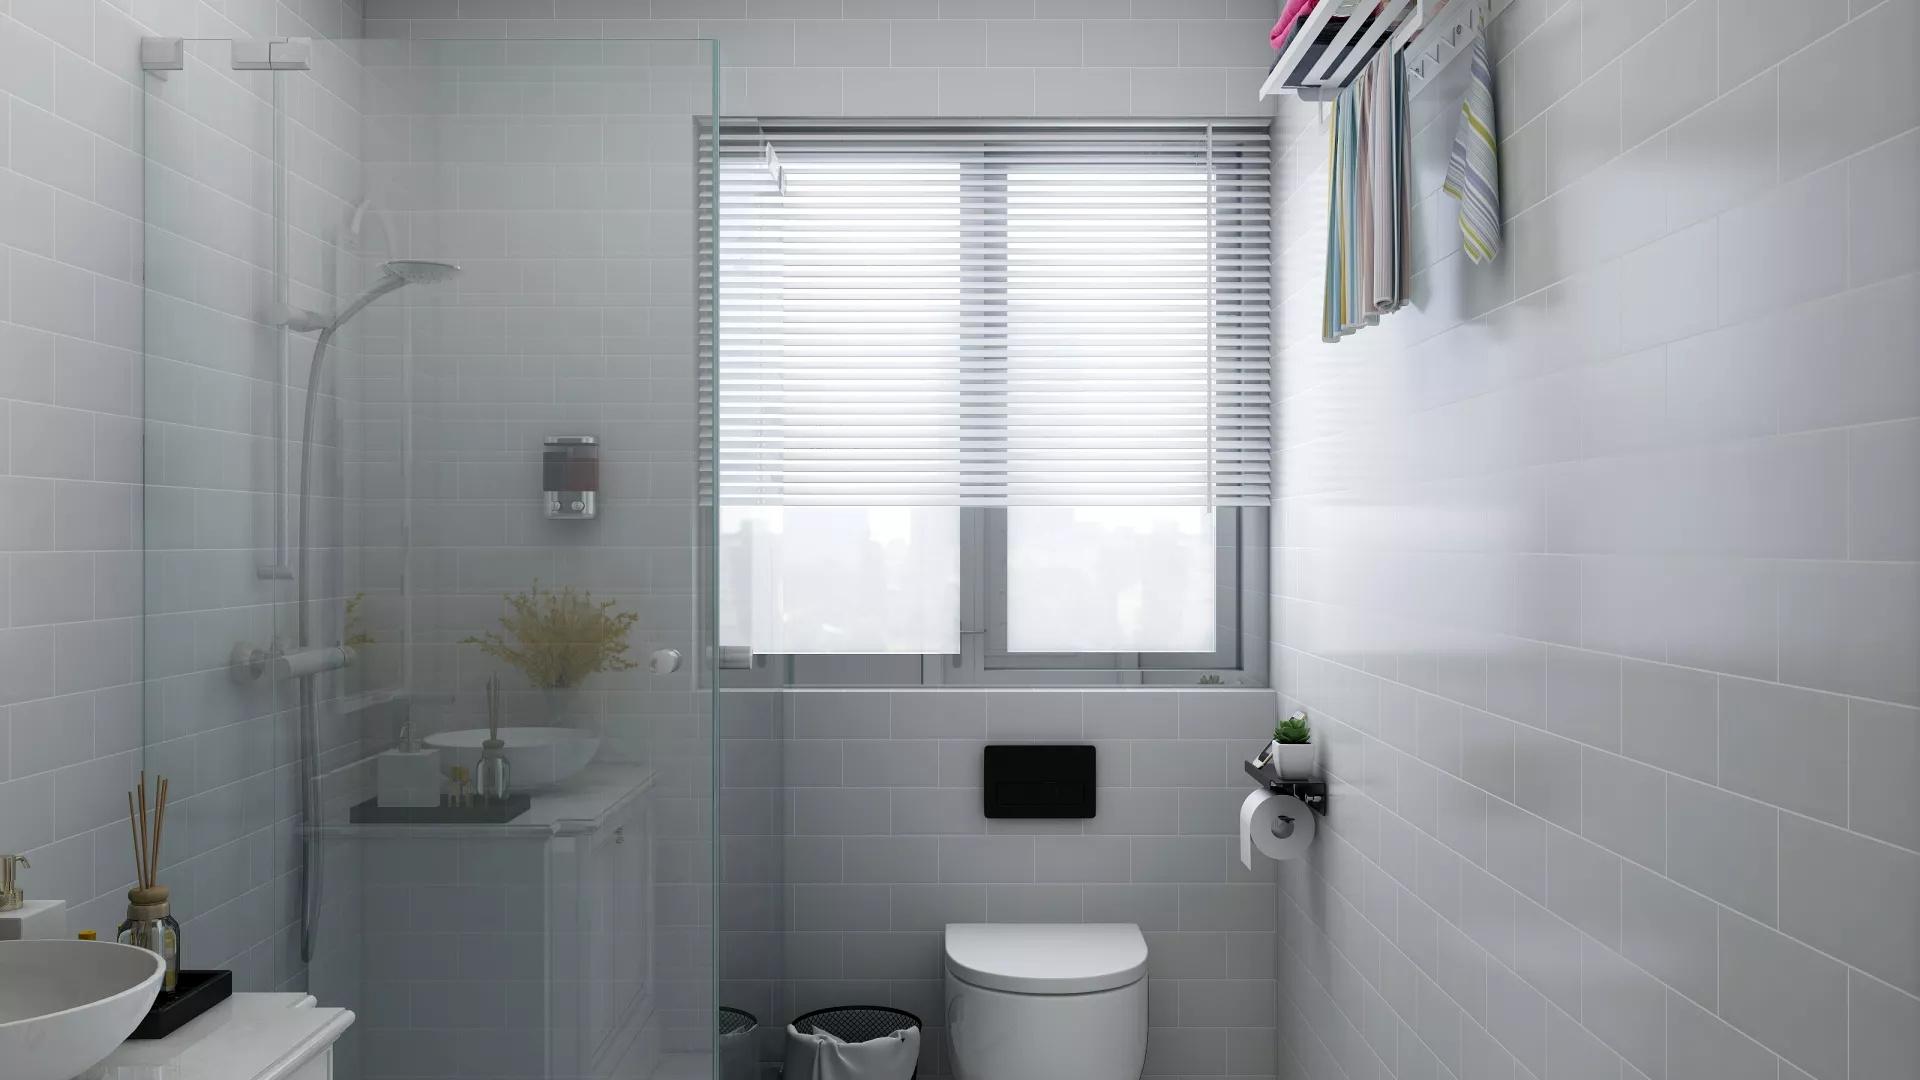 塑鋼平開窗和推拉窗哪個好?家居選擇塑鋼平開窗還是推拉窗?